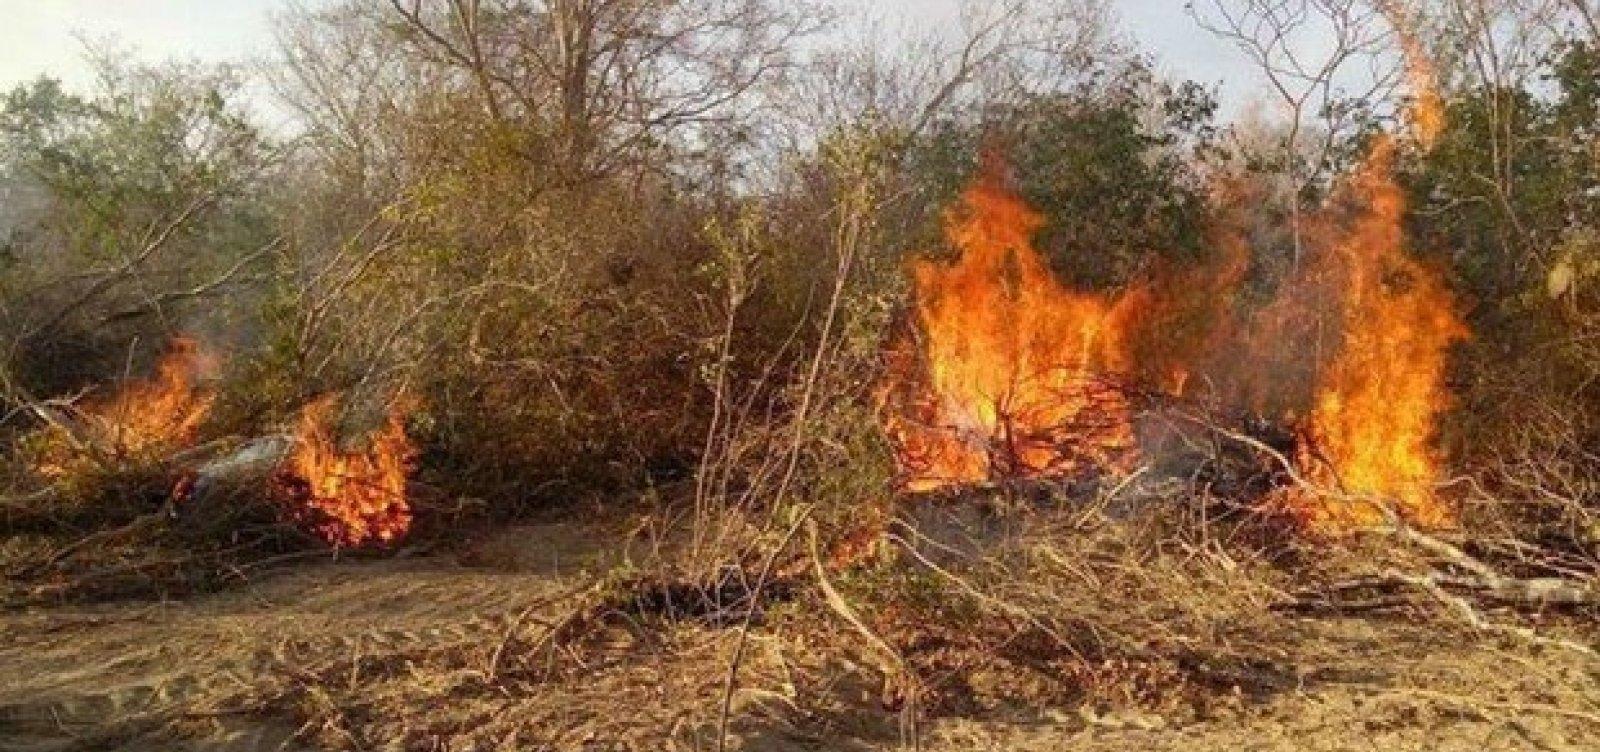 [Incêndio atinge novos povoados em Barra; famílias precisaram sair de casa ]